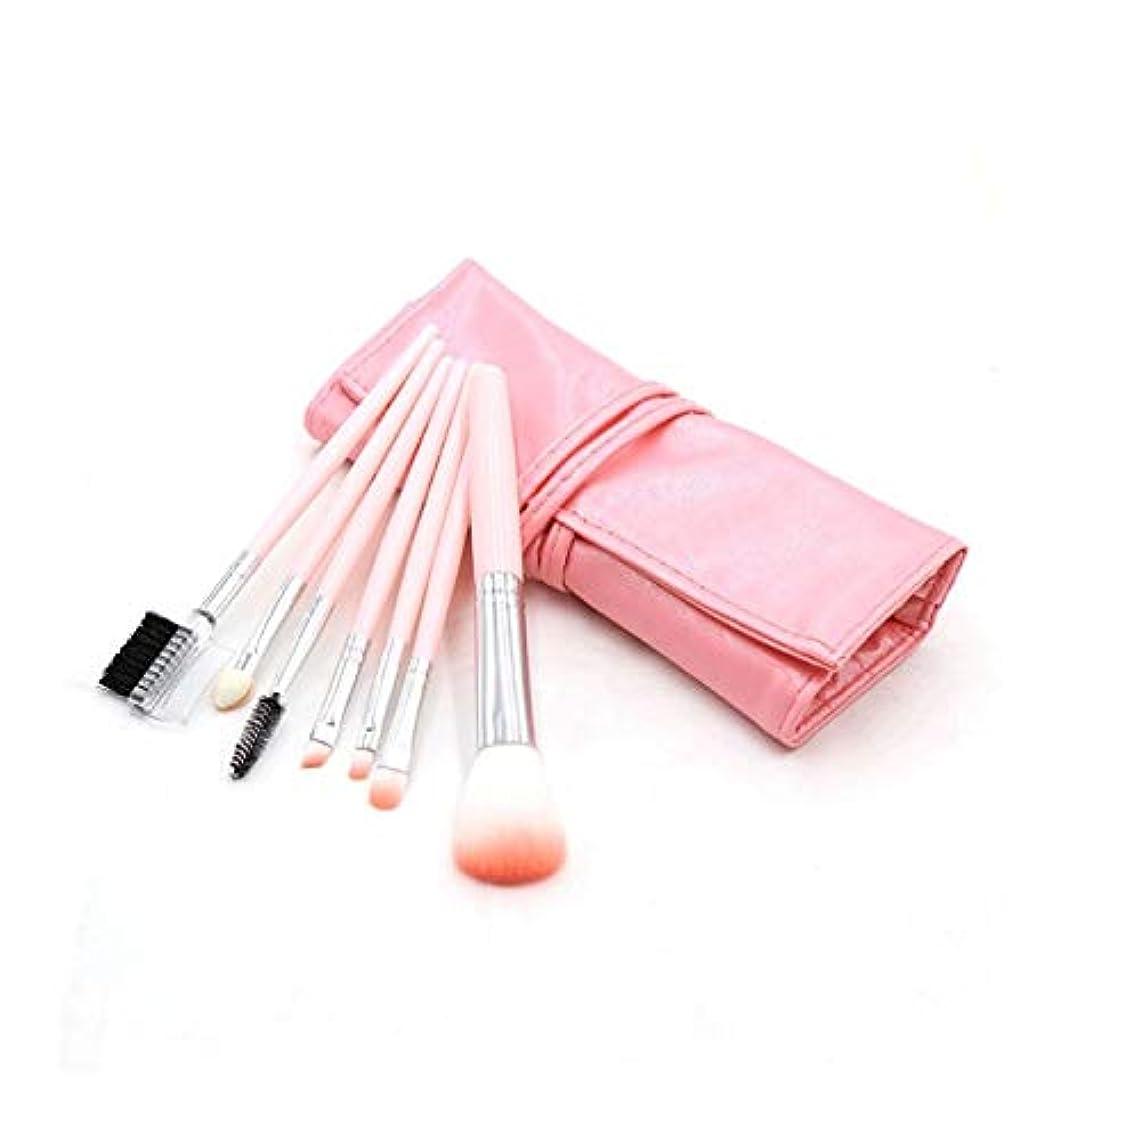 官僚ペストリー信号化粧ブラシセット、ピンク7化粧ブラシ化粧ブラシセットアイシャドウブラシリップブラシ美容化粧道具